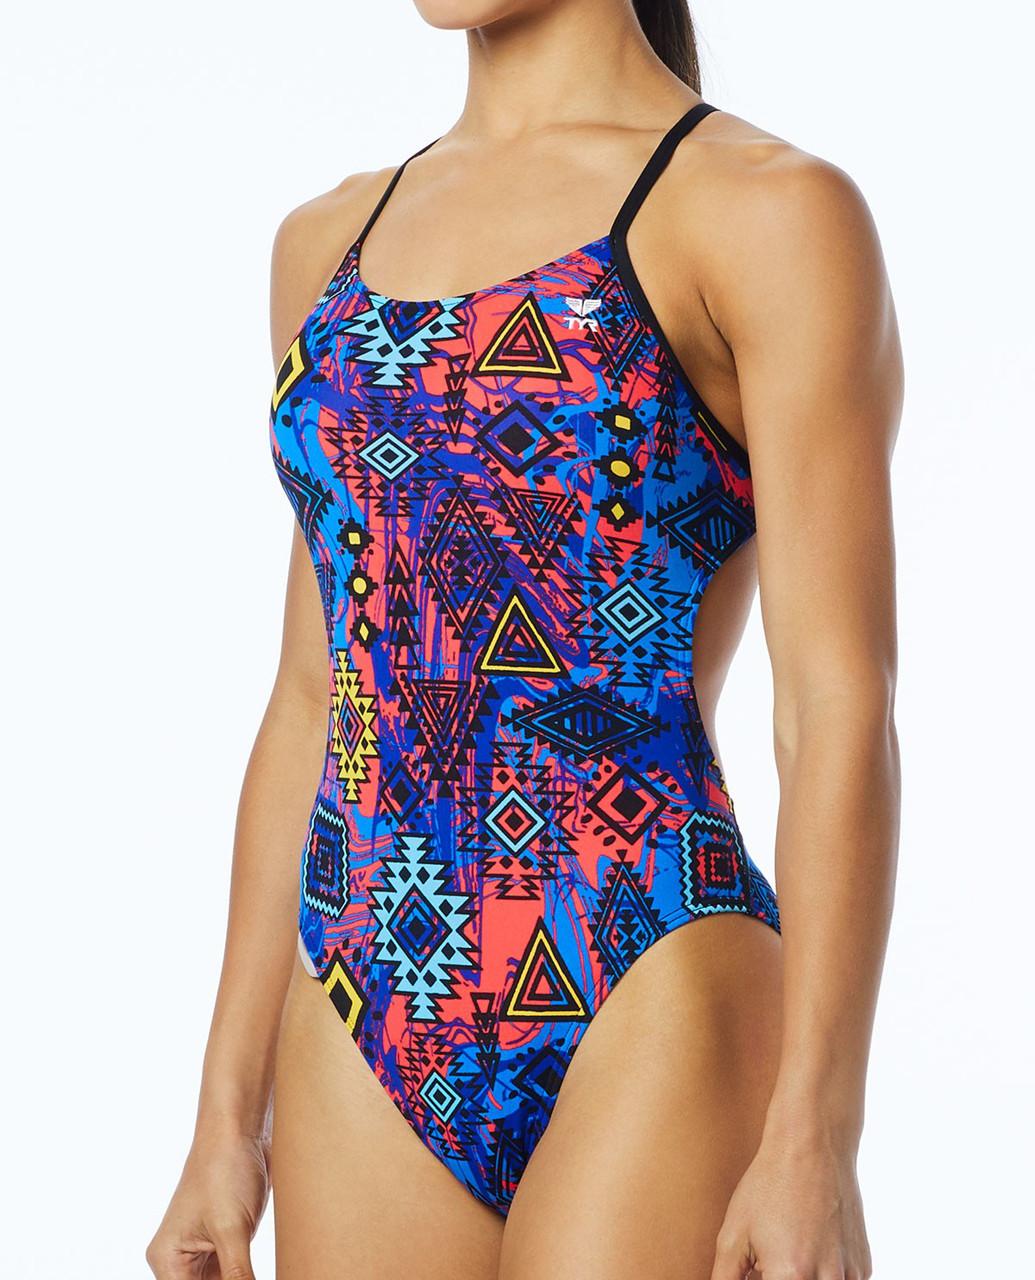 Купальник TYR Women's Santa Ana Cutoutfit Swimsuit цвет 004 Черный/Мульти размер 26